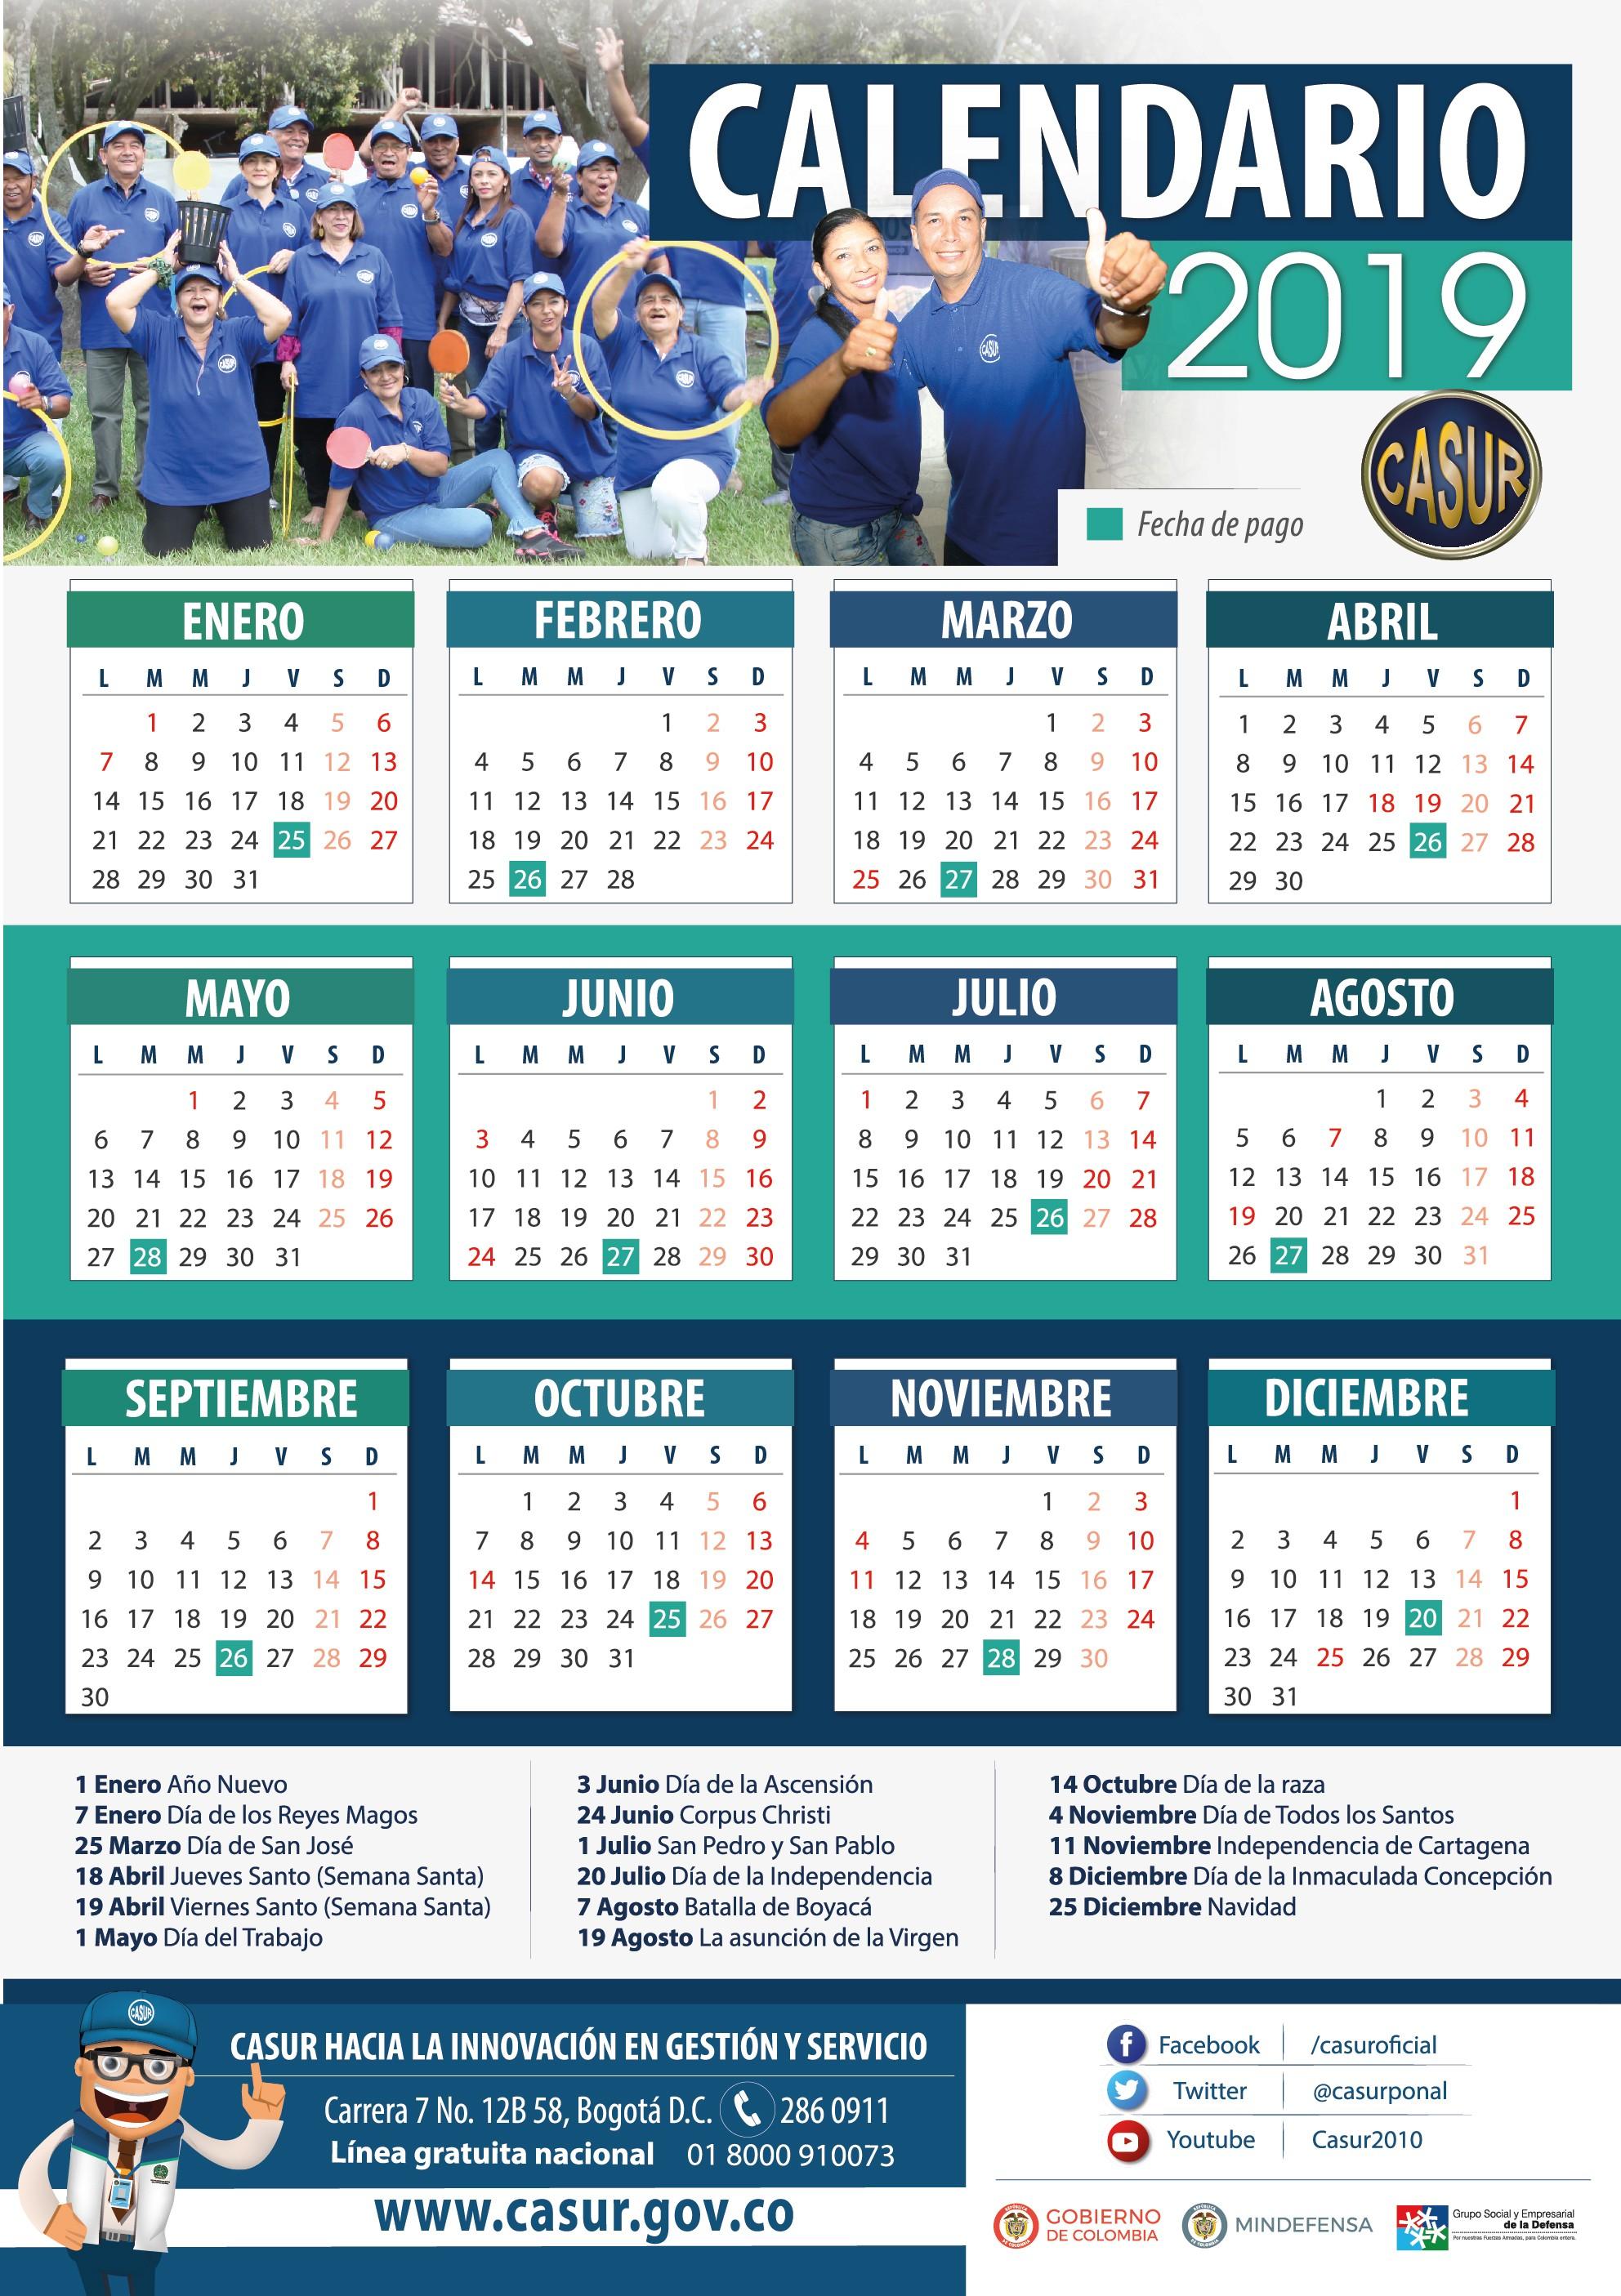 Calendario Enero 2019 Para Imprimir A4 Más Arriba-a-fecha Calendario Abril 2019 Para Imprimir T Of Calendario Enero 2019 Para Imprimir A4 Actual Calendario Diciembre De 2019 53ld Calendario T